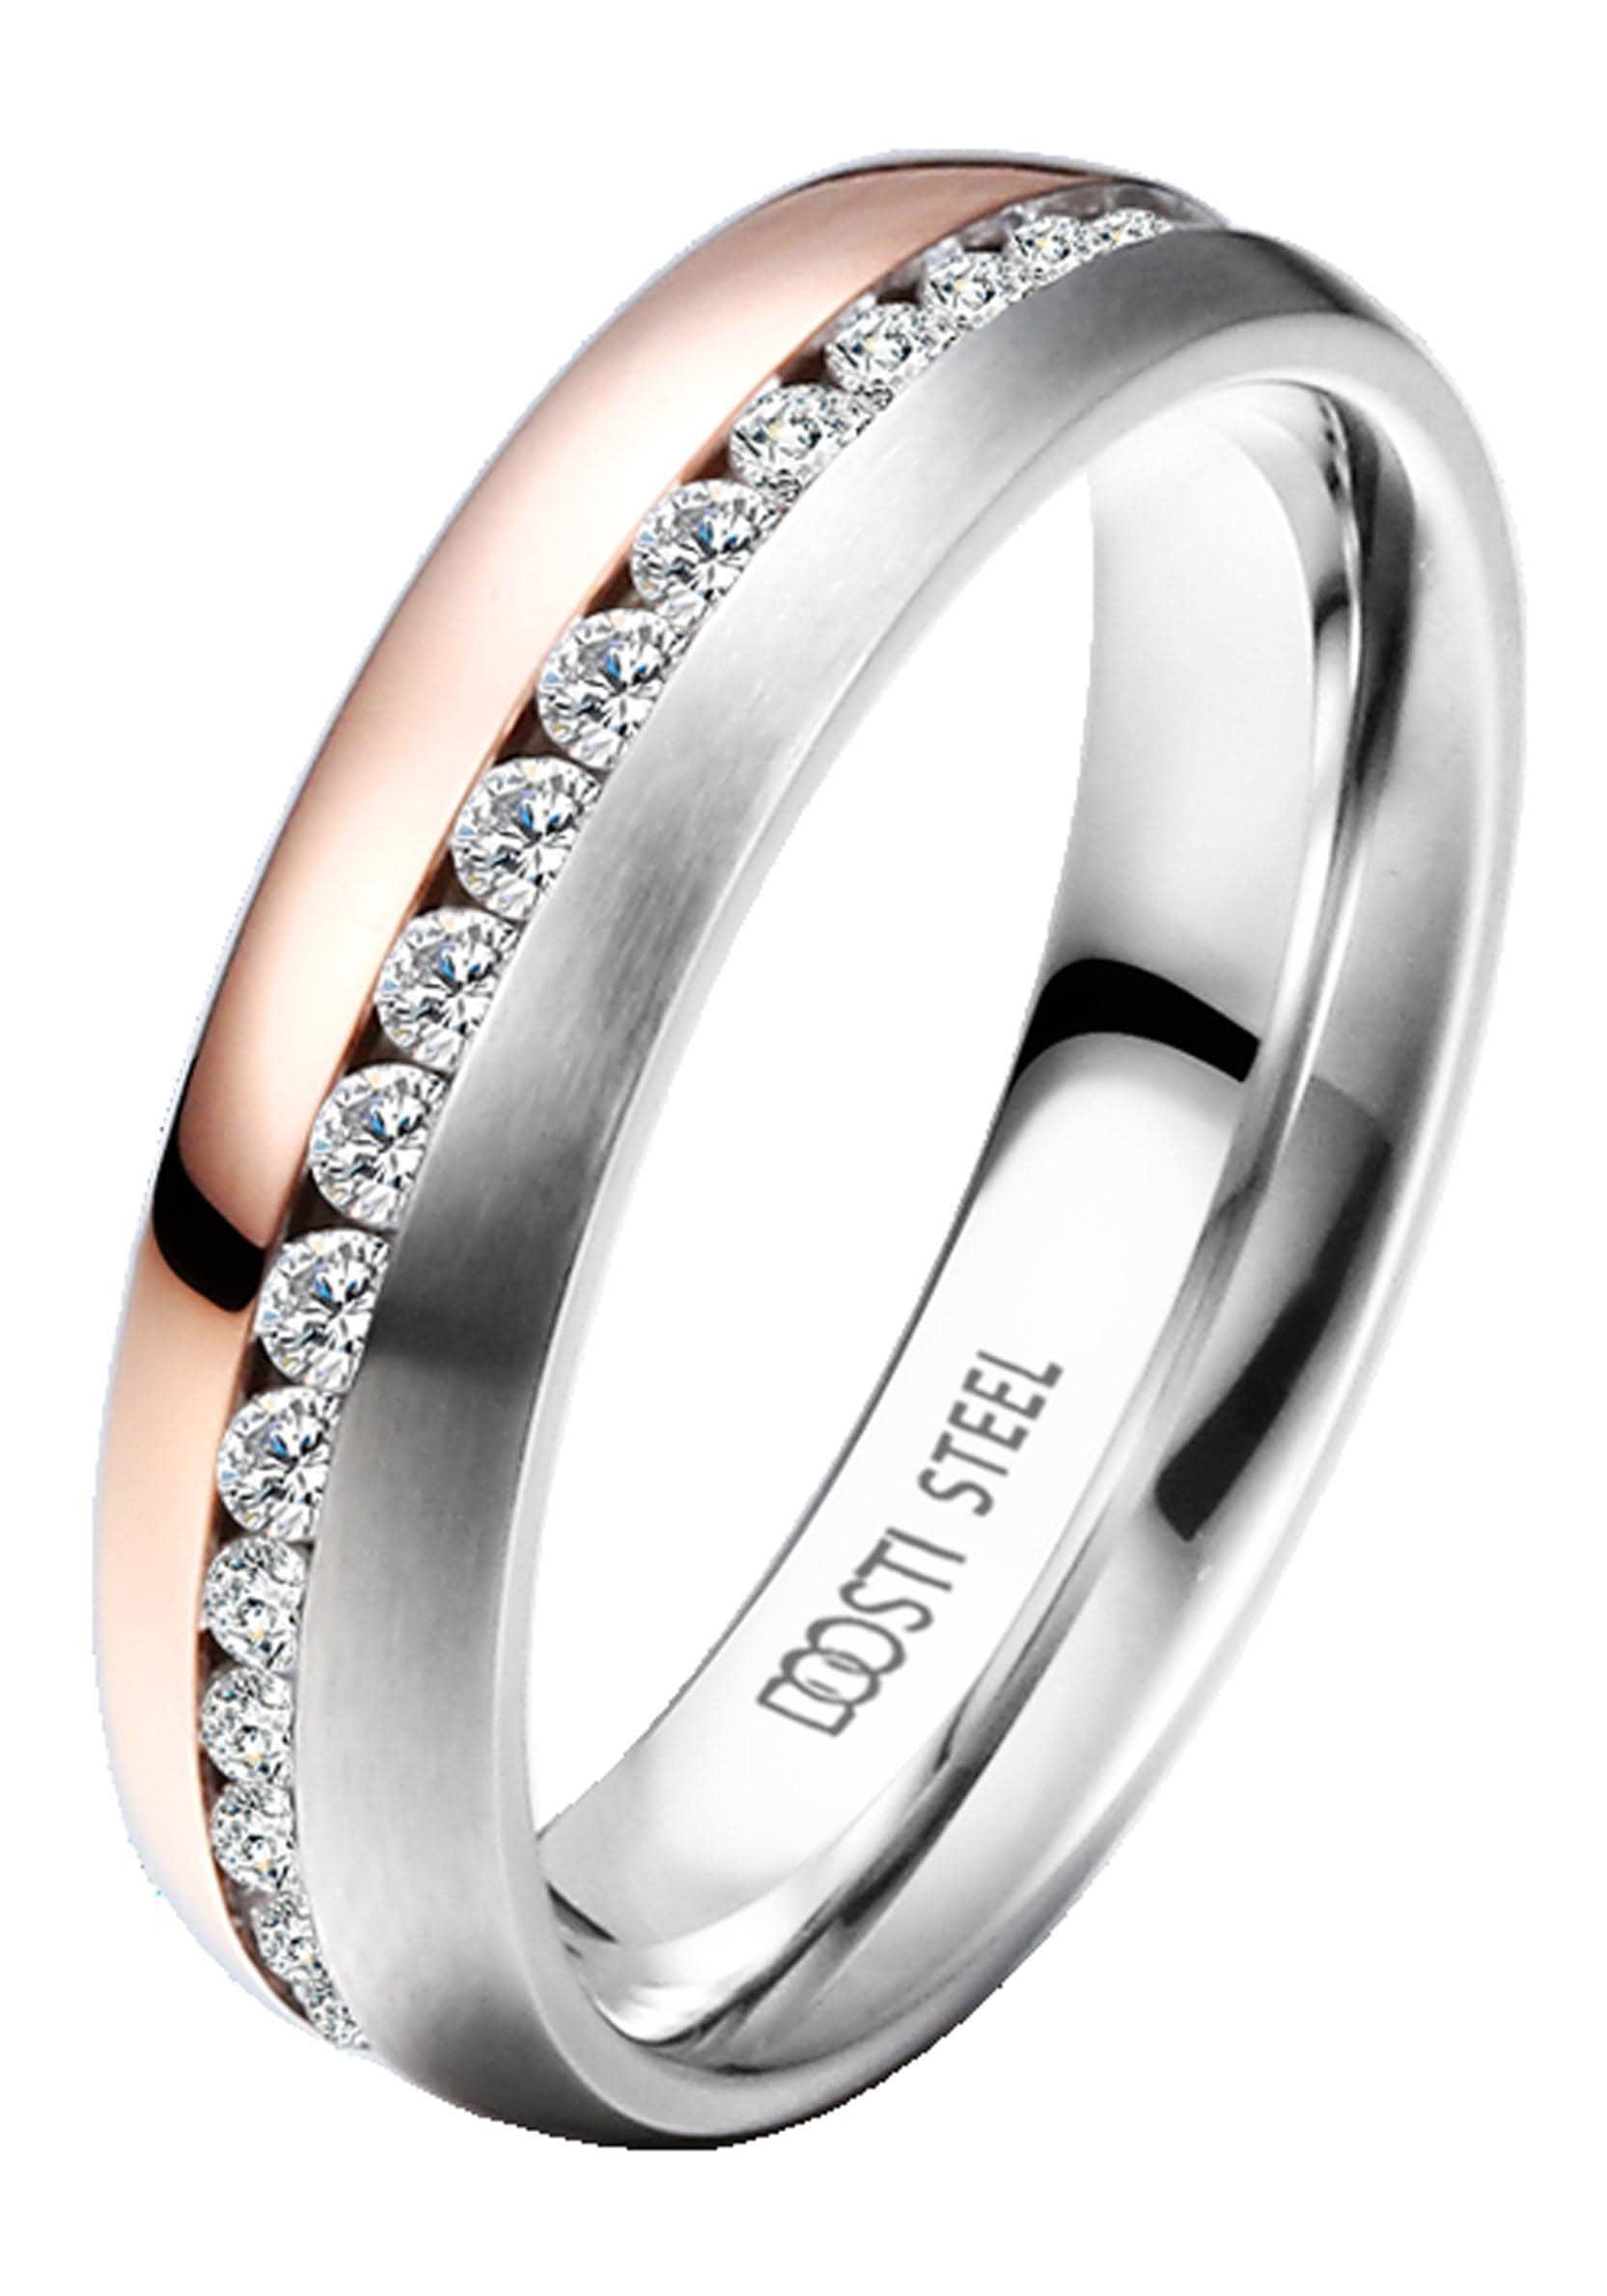 DOOSTI Trauring »ST-078-D, ST-078-H« | Schmuck > Ringe > Trauringe | DOOSTI